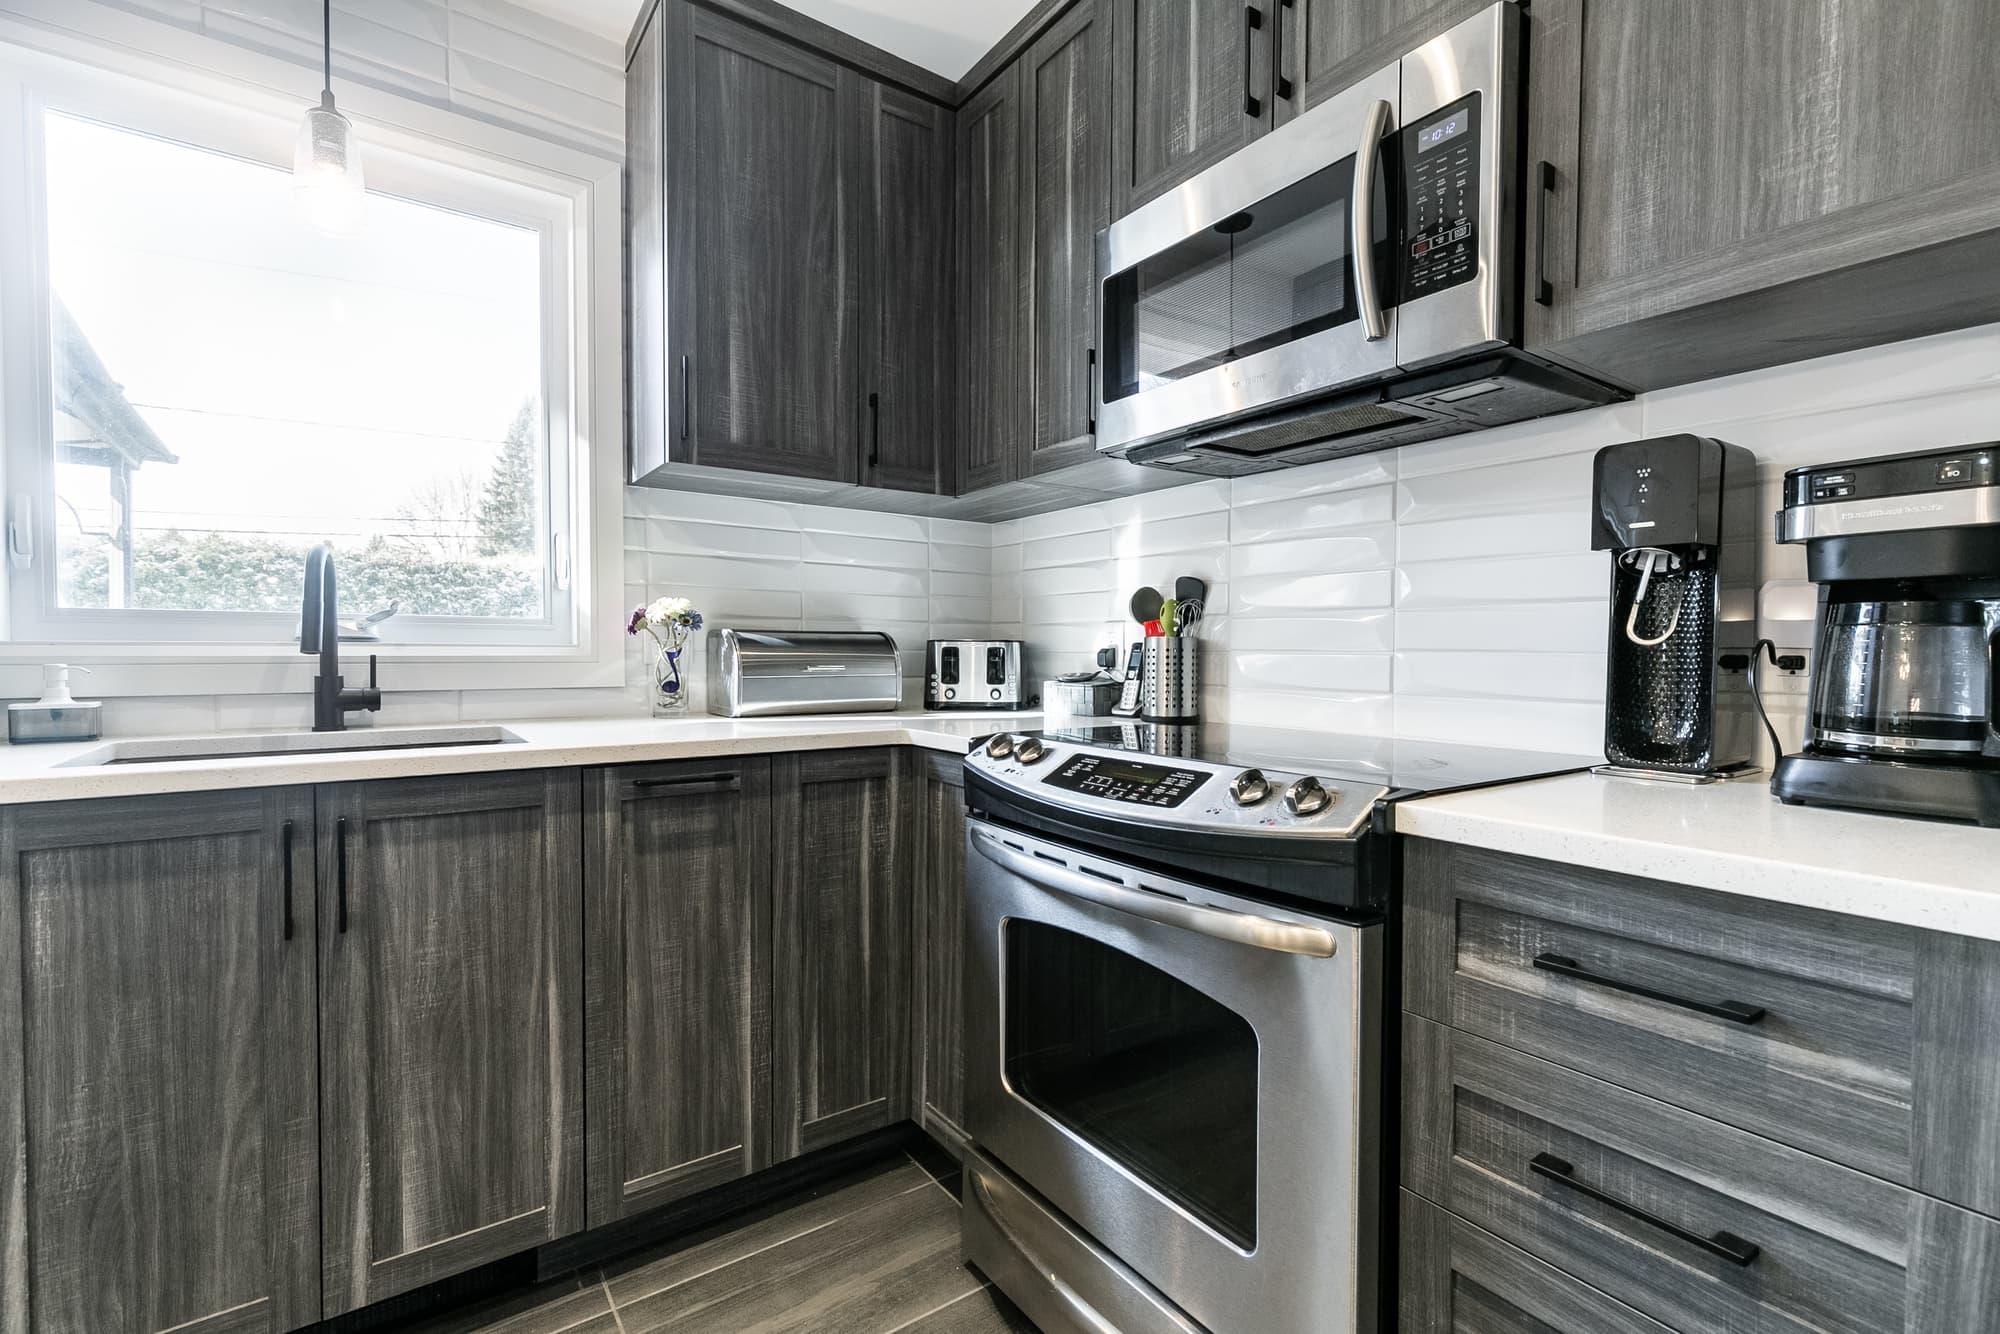 cuisine design de style comtemporain avec armoires gris foncé et dosseret en céramique blanc